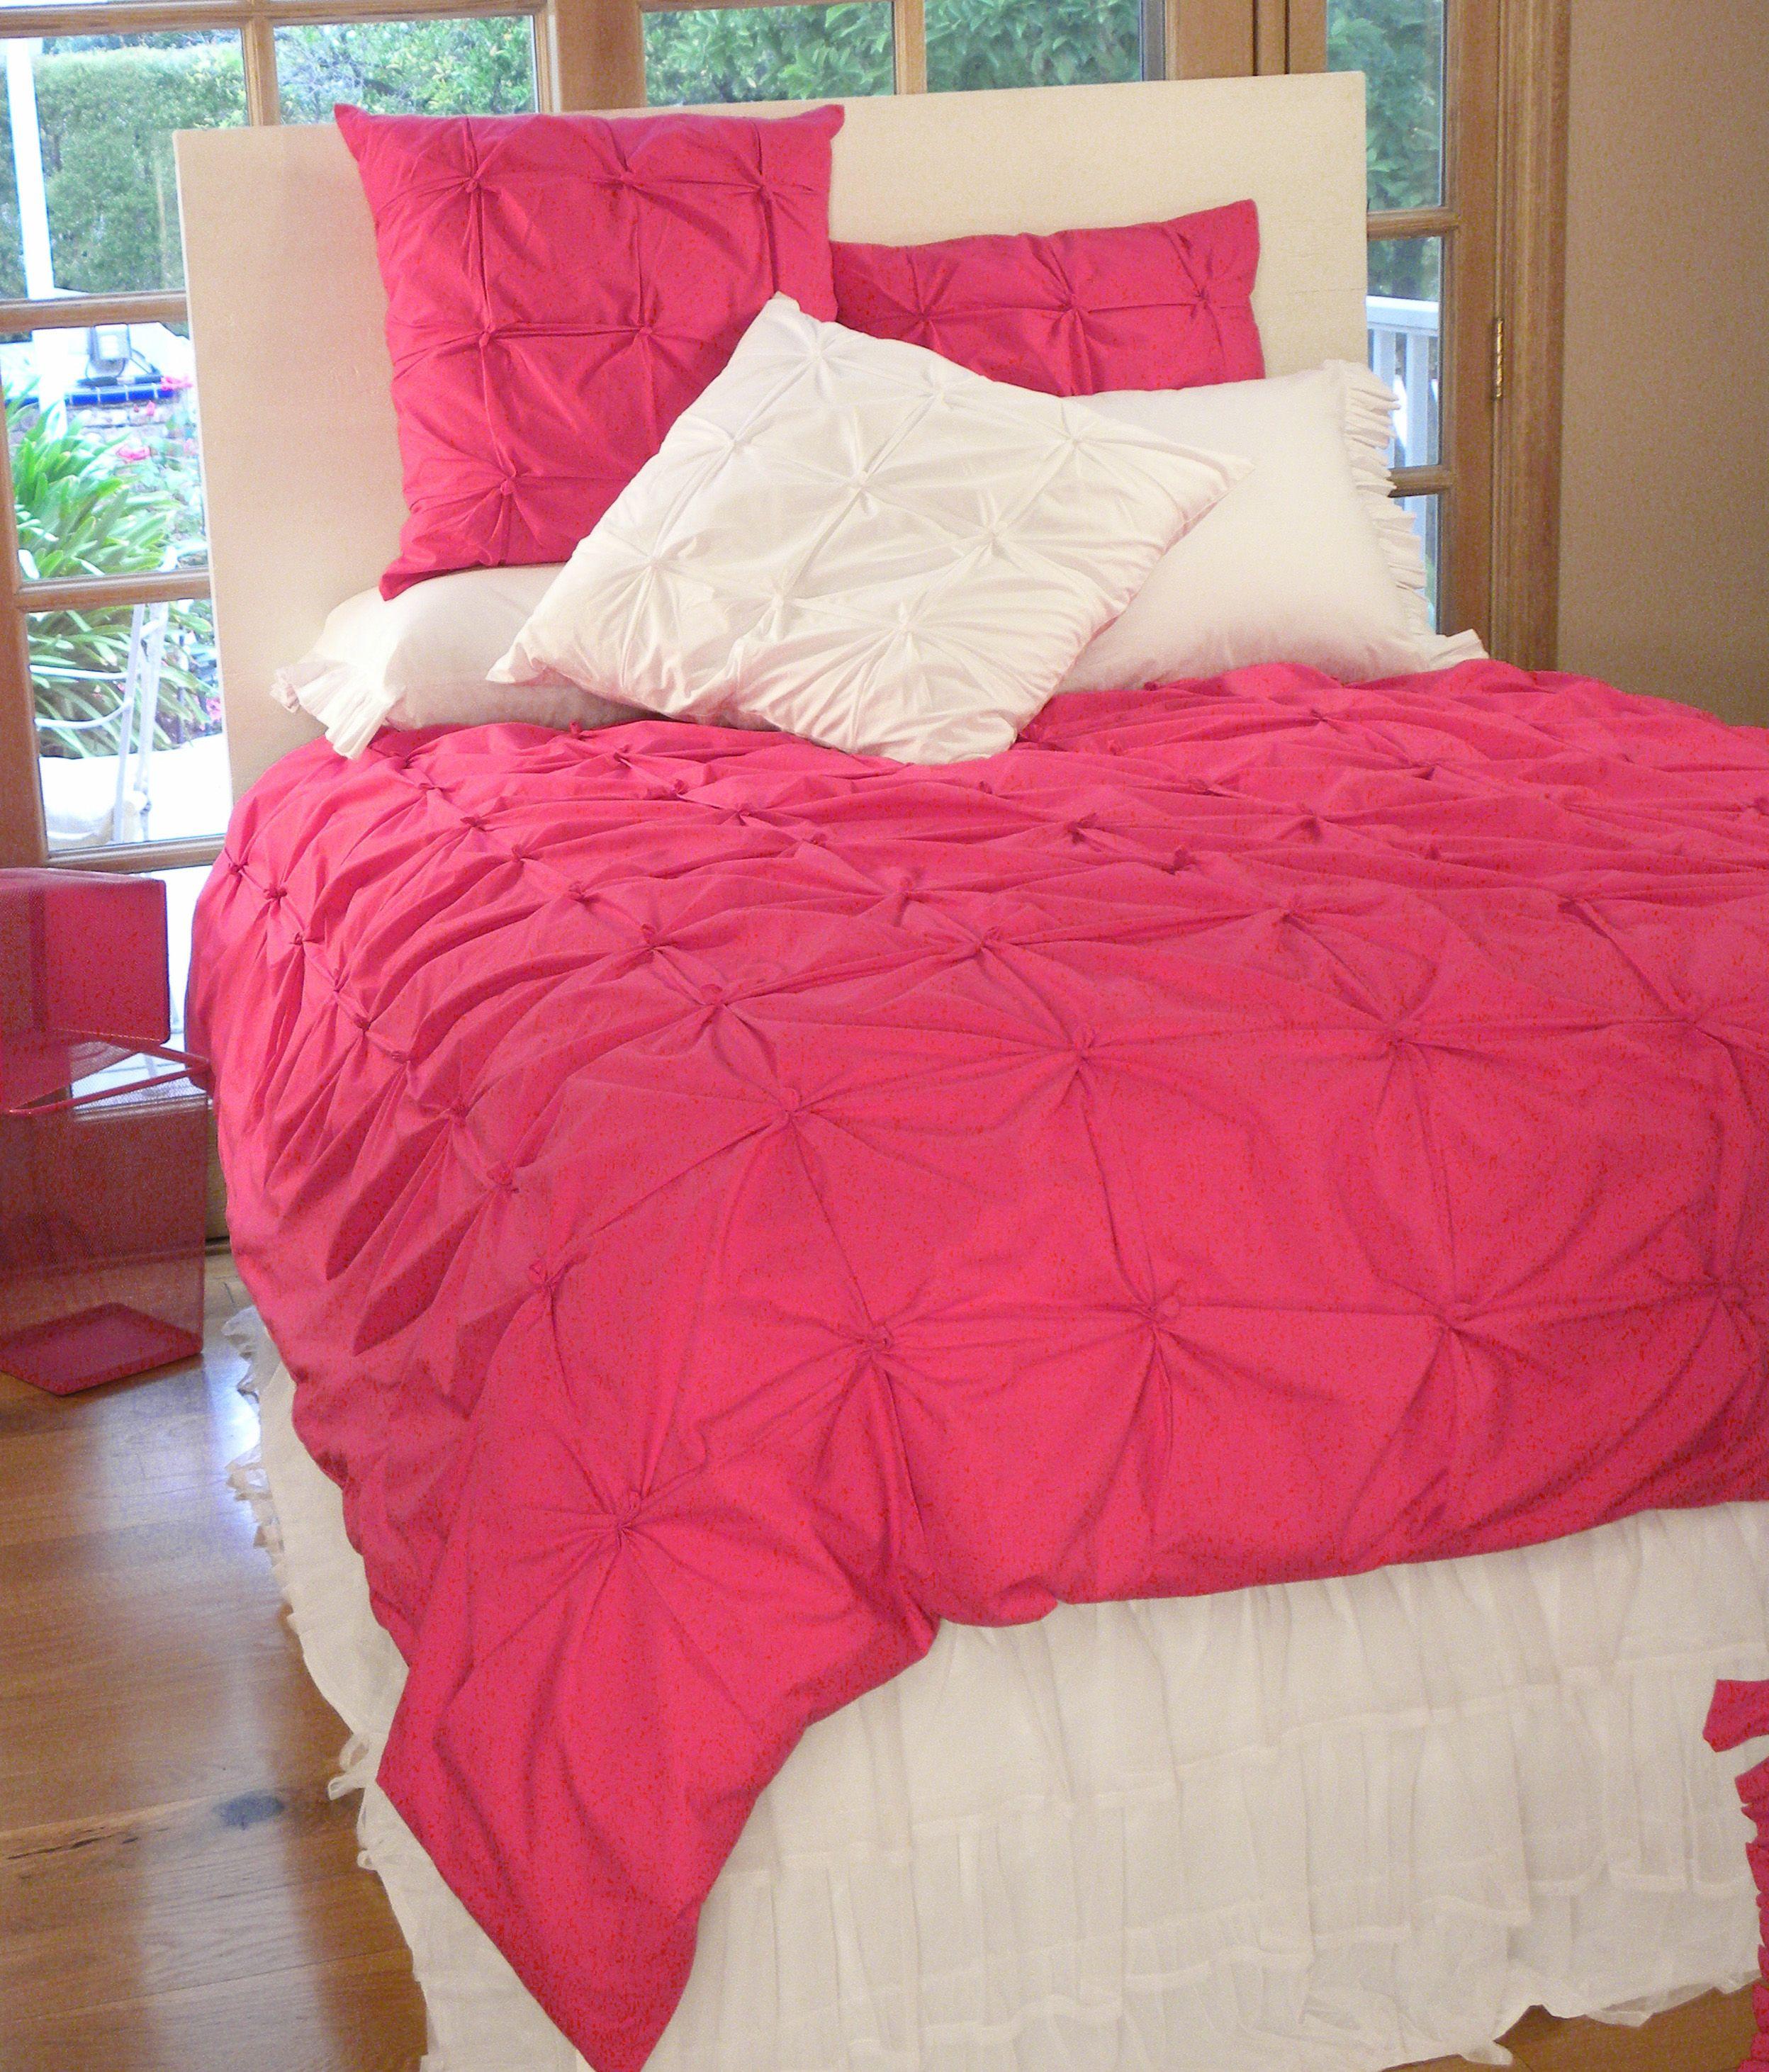 Hot pink bed sets - Girls Bedding Crisp Hot Pink